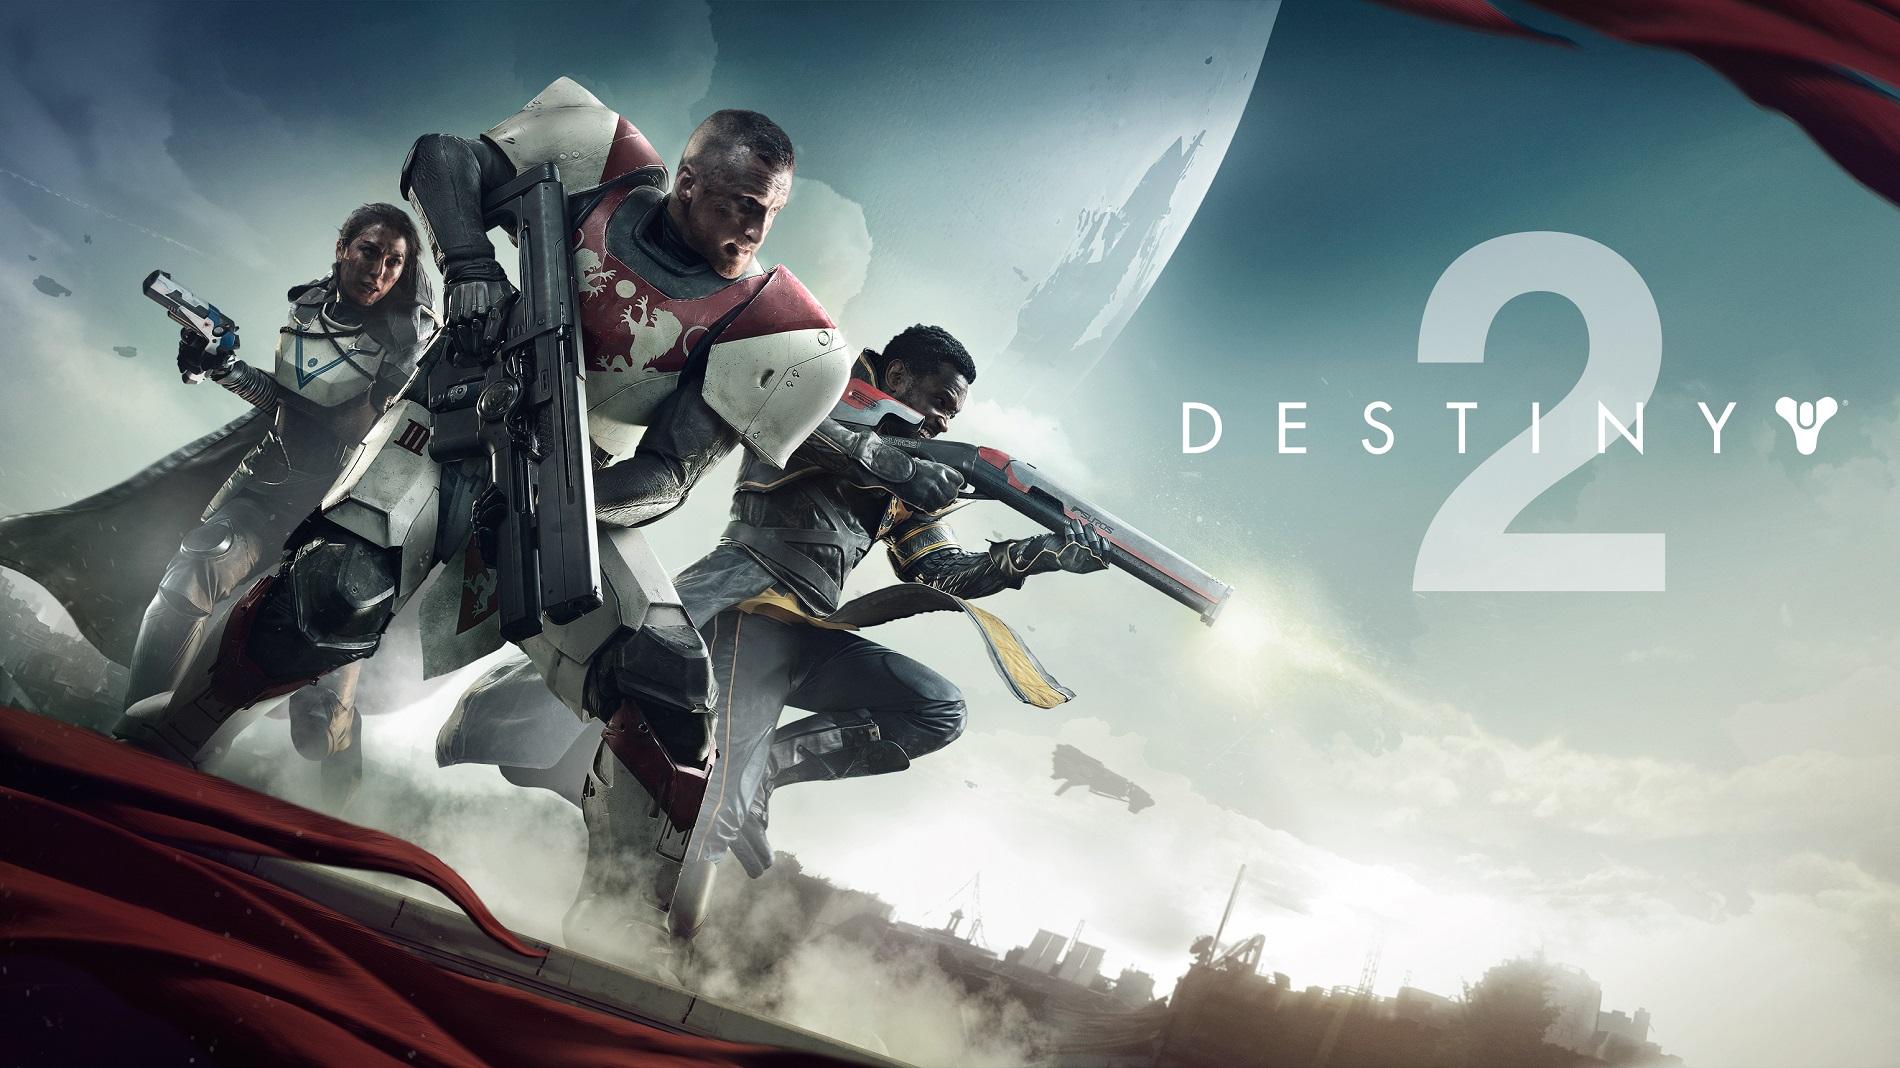 نمرات بازی Destiny 2 منتشر شد + تصویر